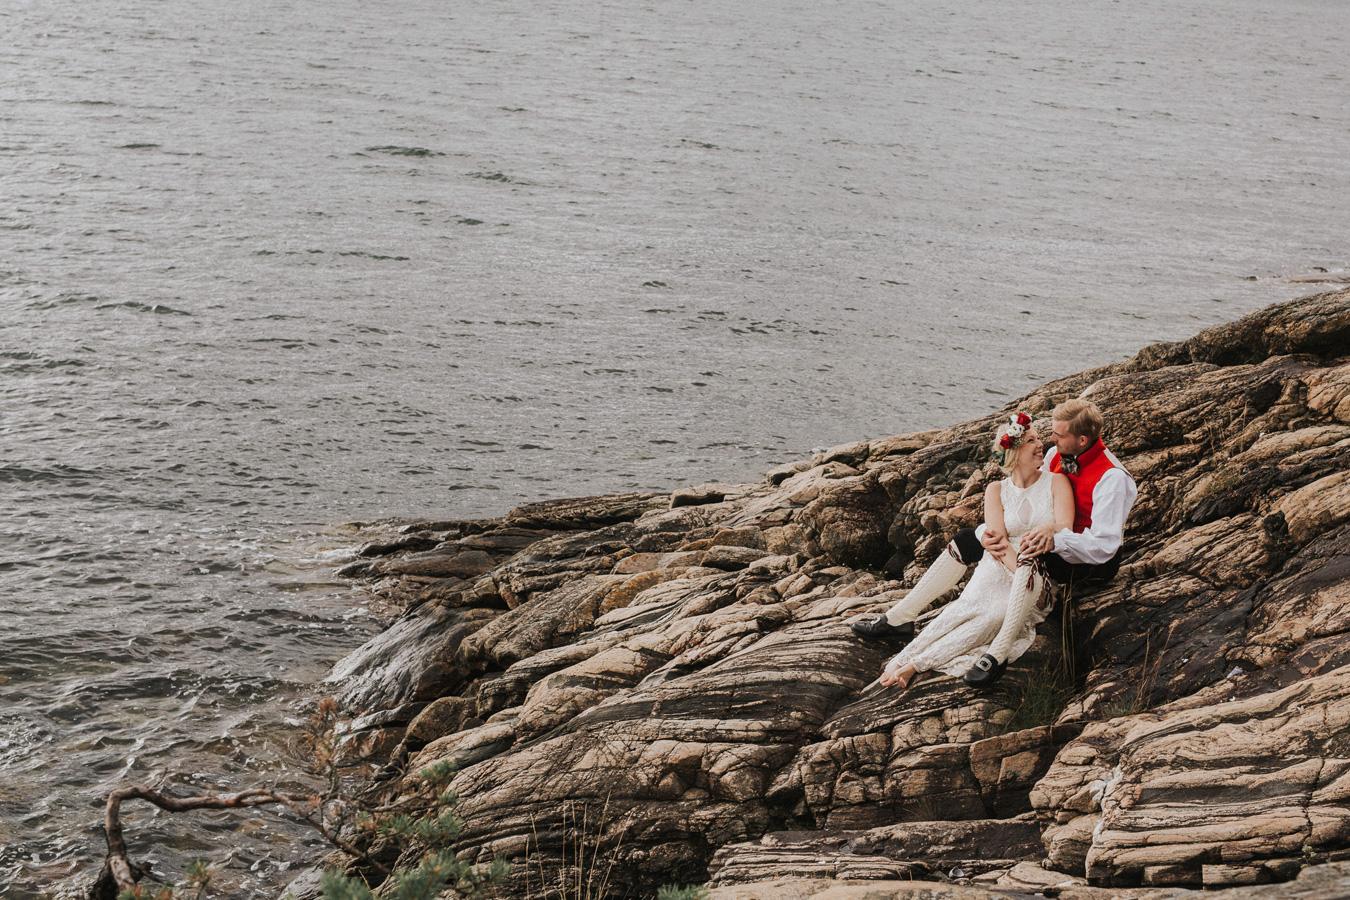 037-bryllupsfotograf-oslo-drobak-laavebryllup-tone-tvedt.jpg